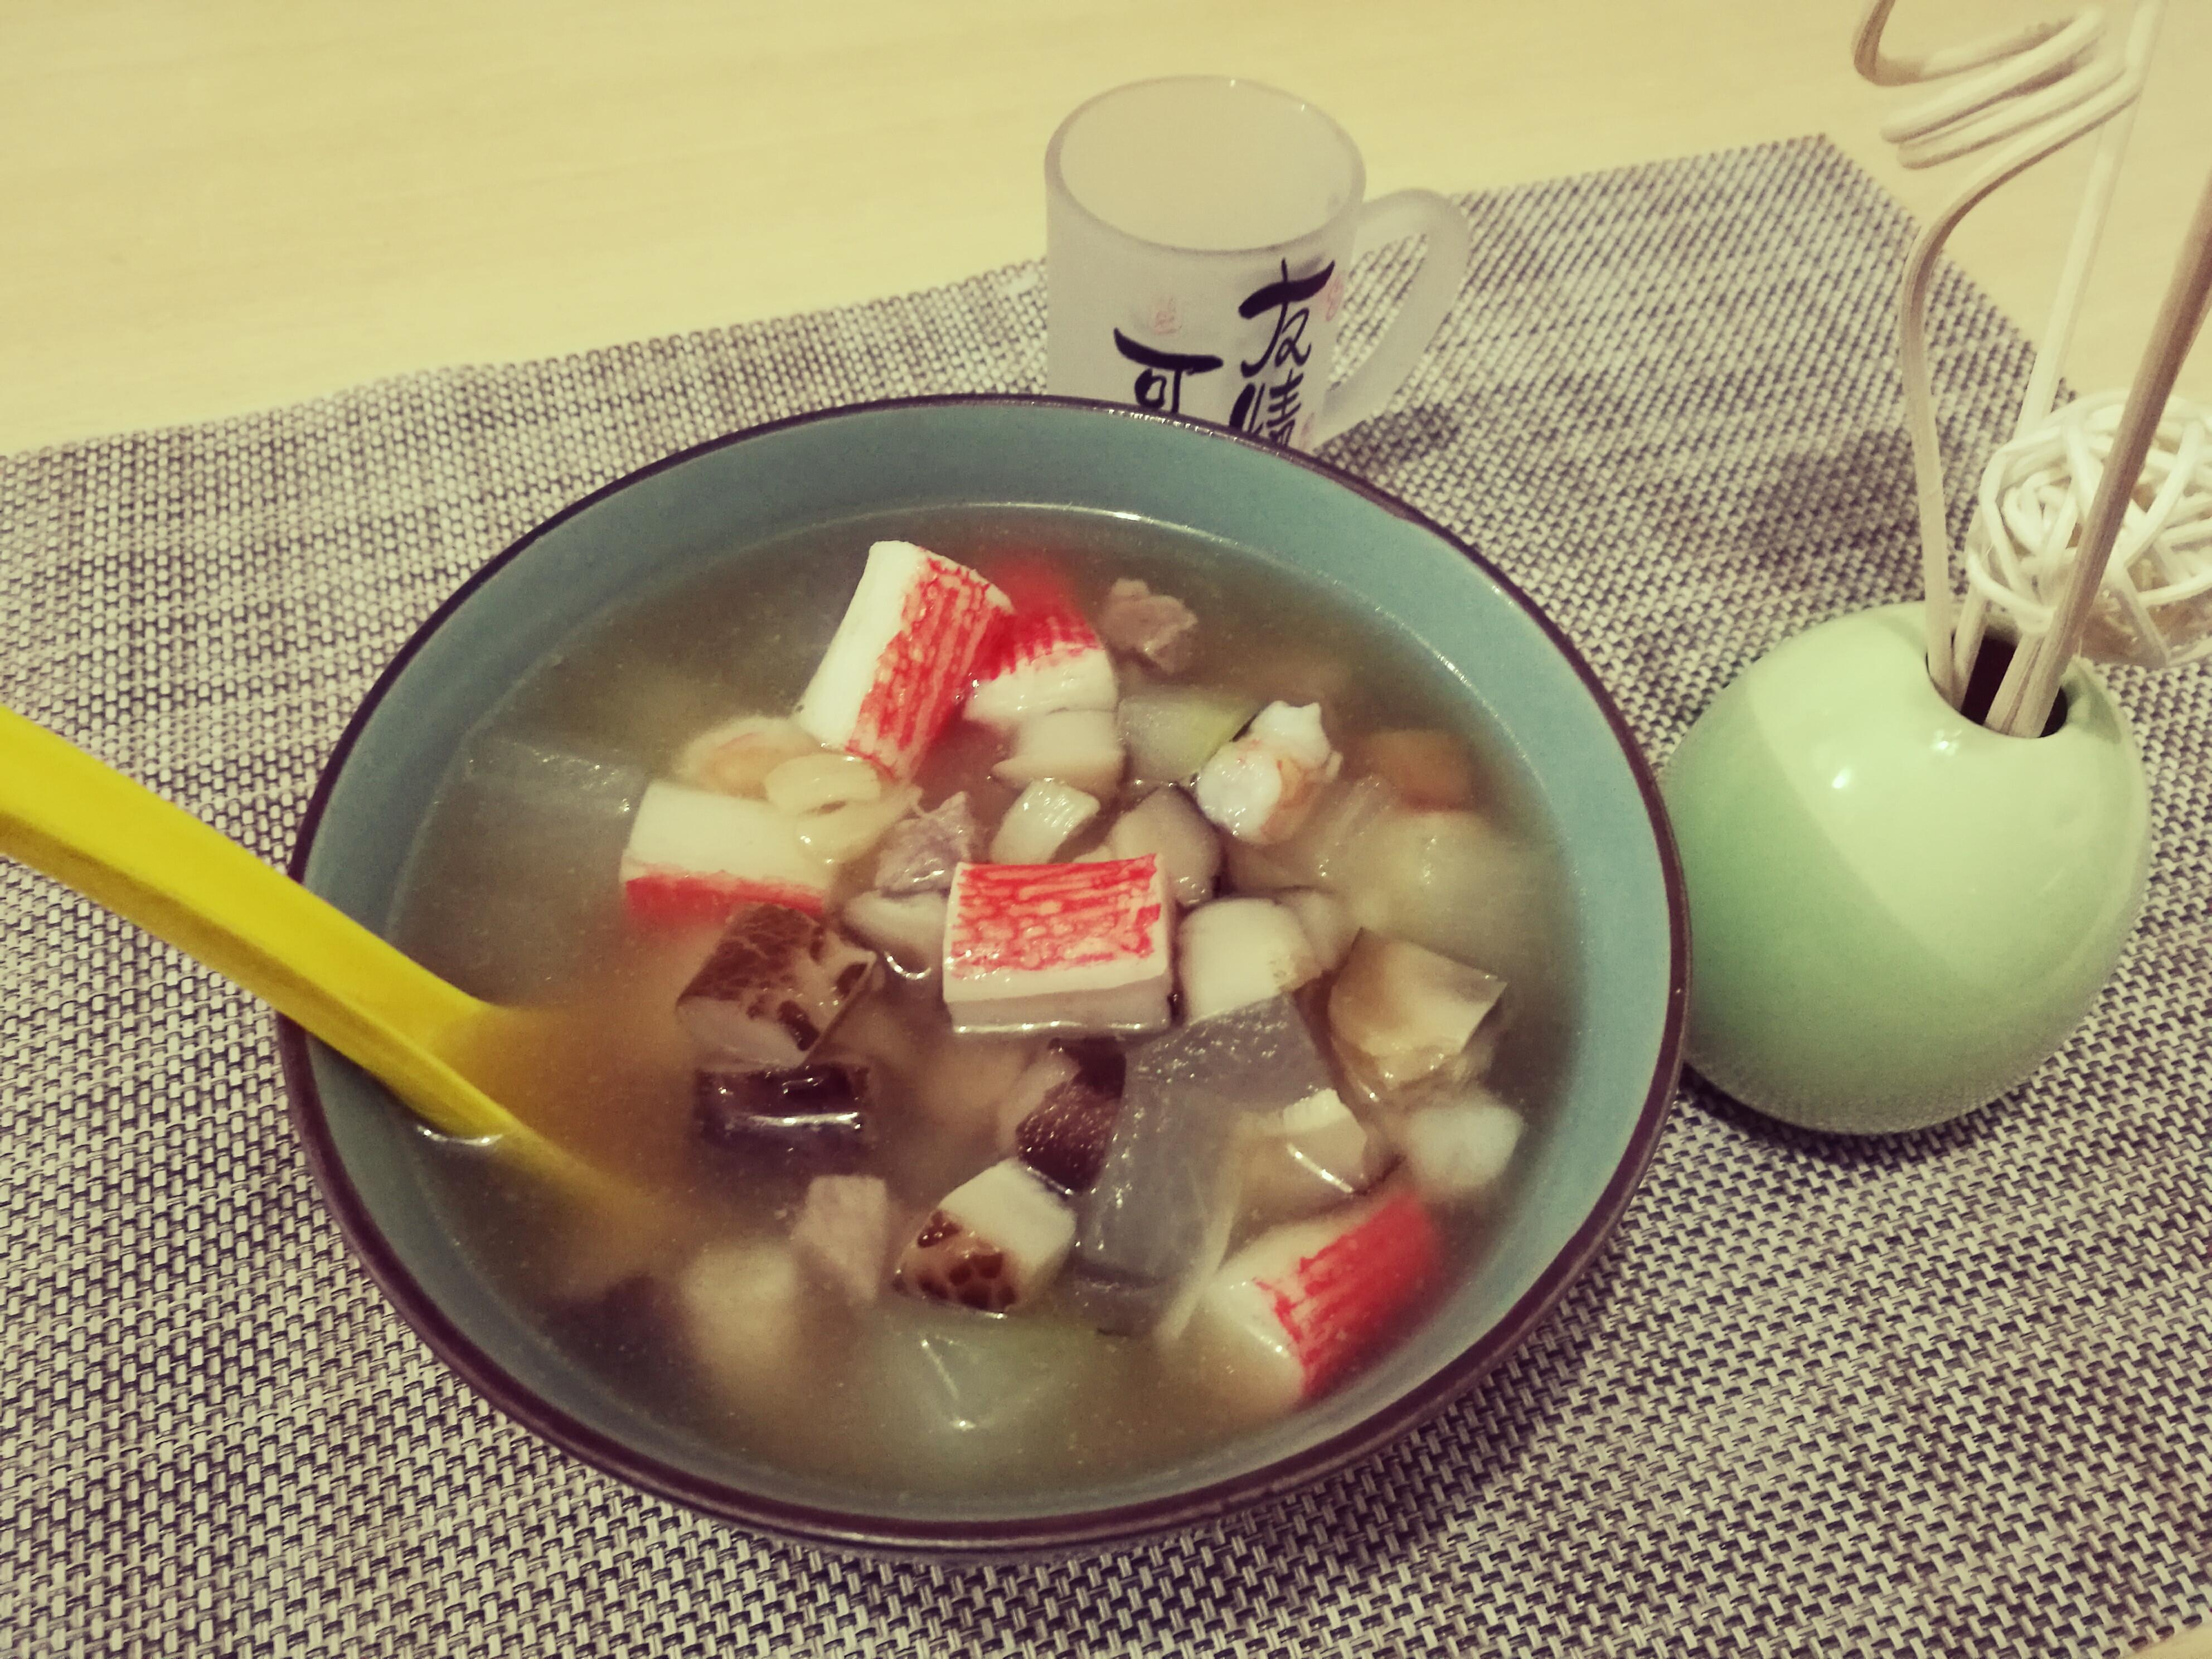 冬瓜粒湯泡飯 ~ 清熱消暑食品!